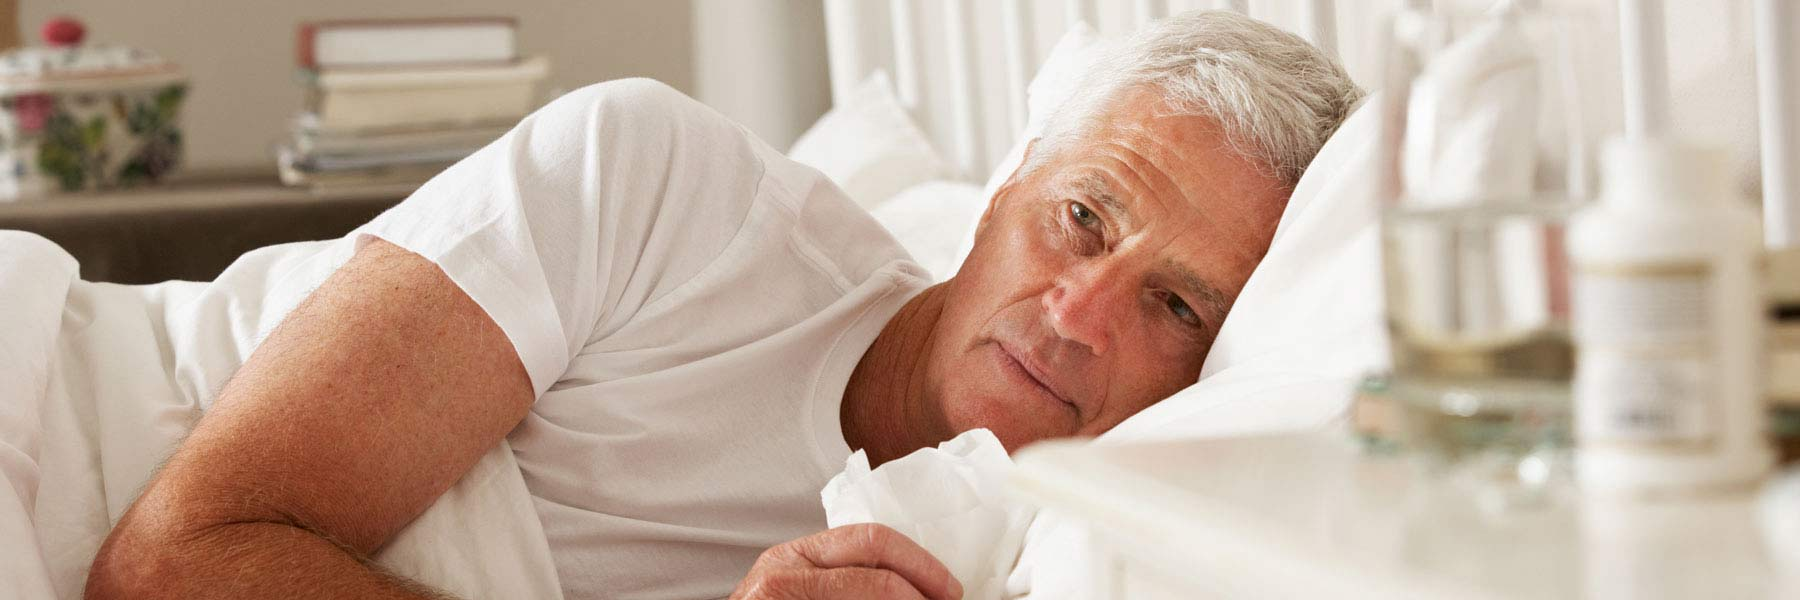 Older man lying awake in bed